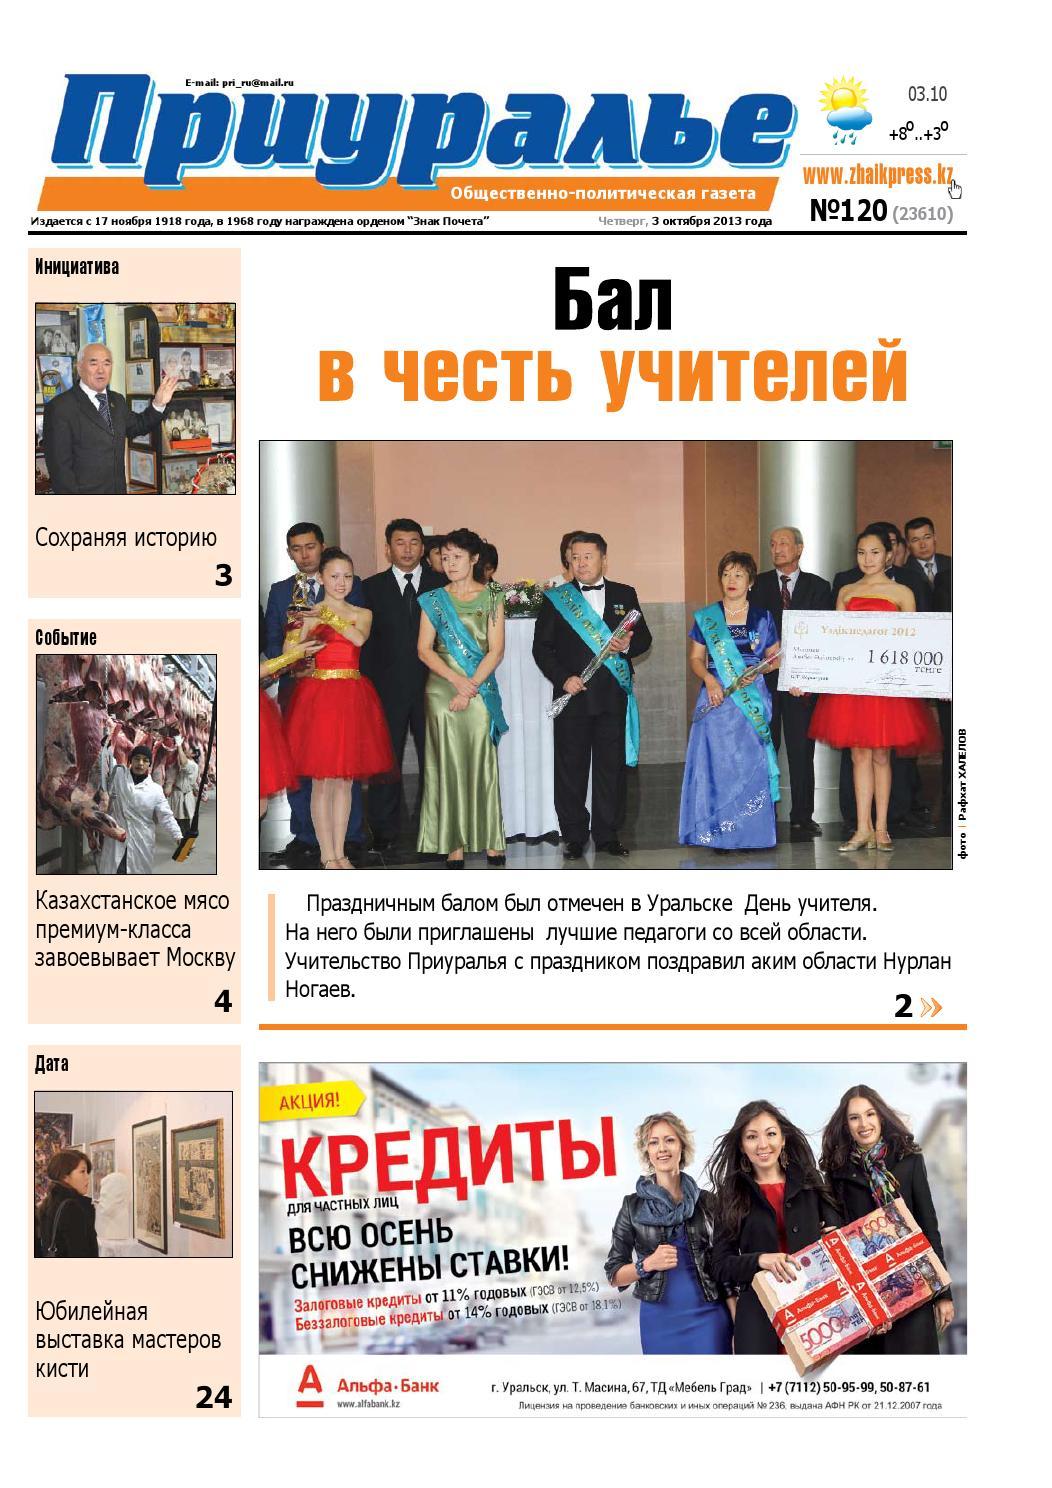 электронное журнал школа в казахстане уральск